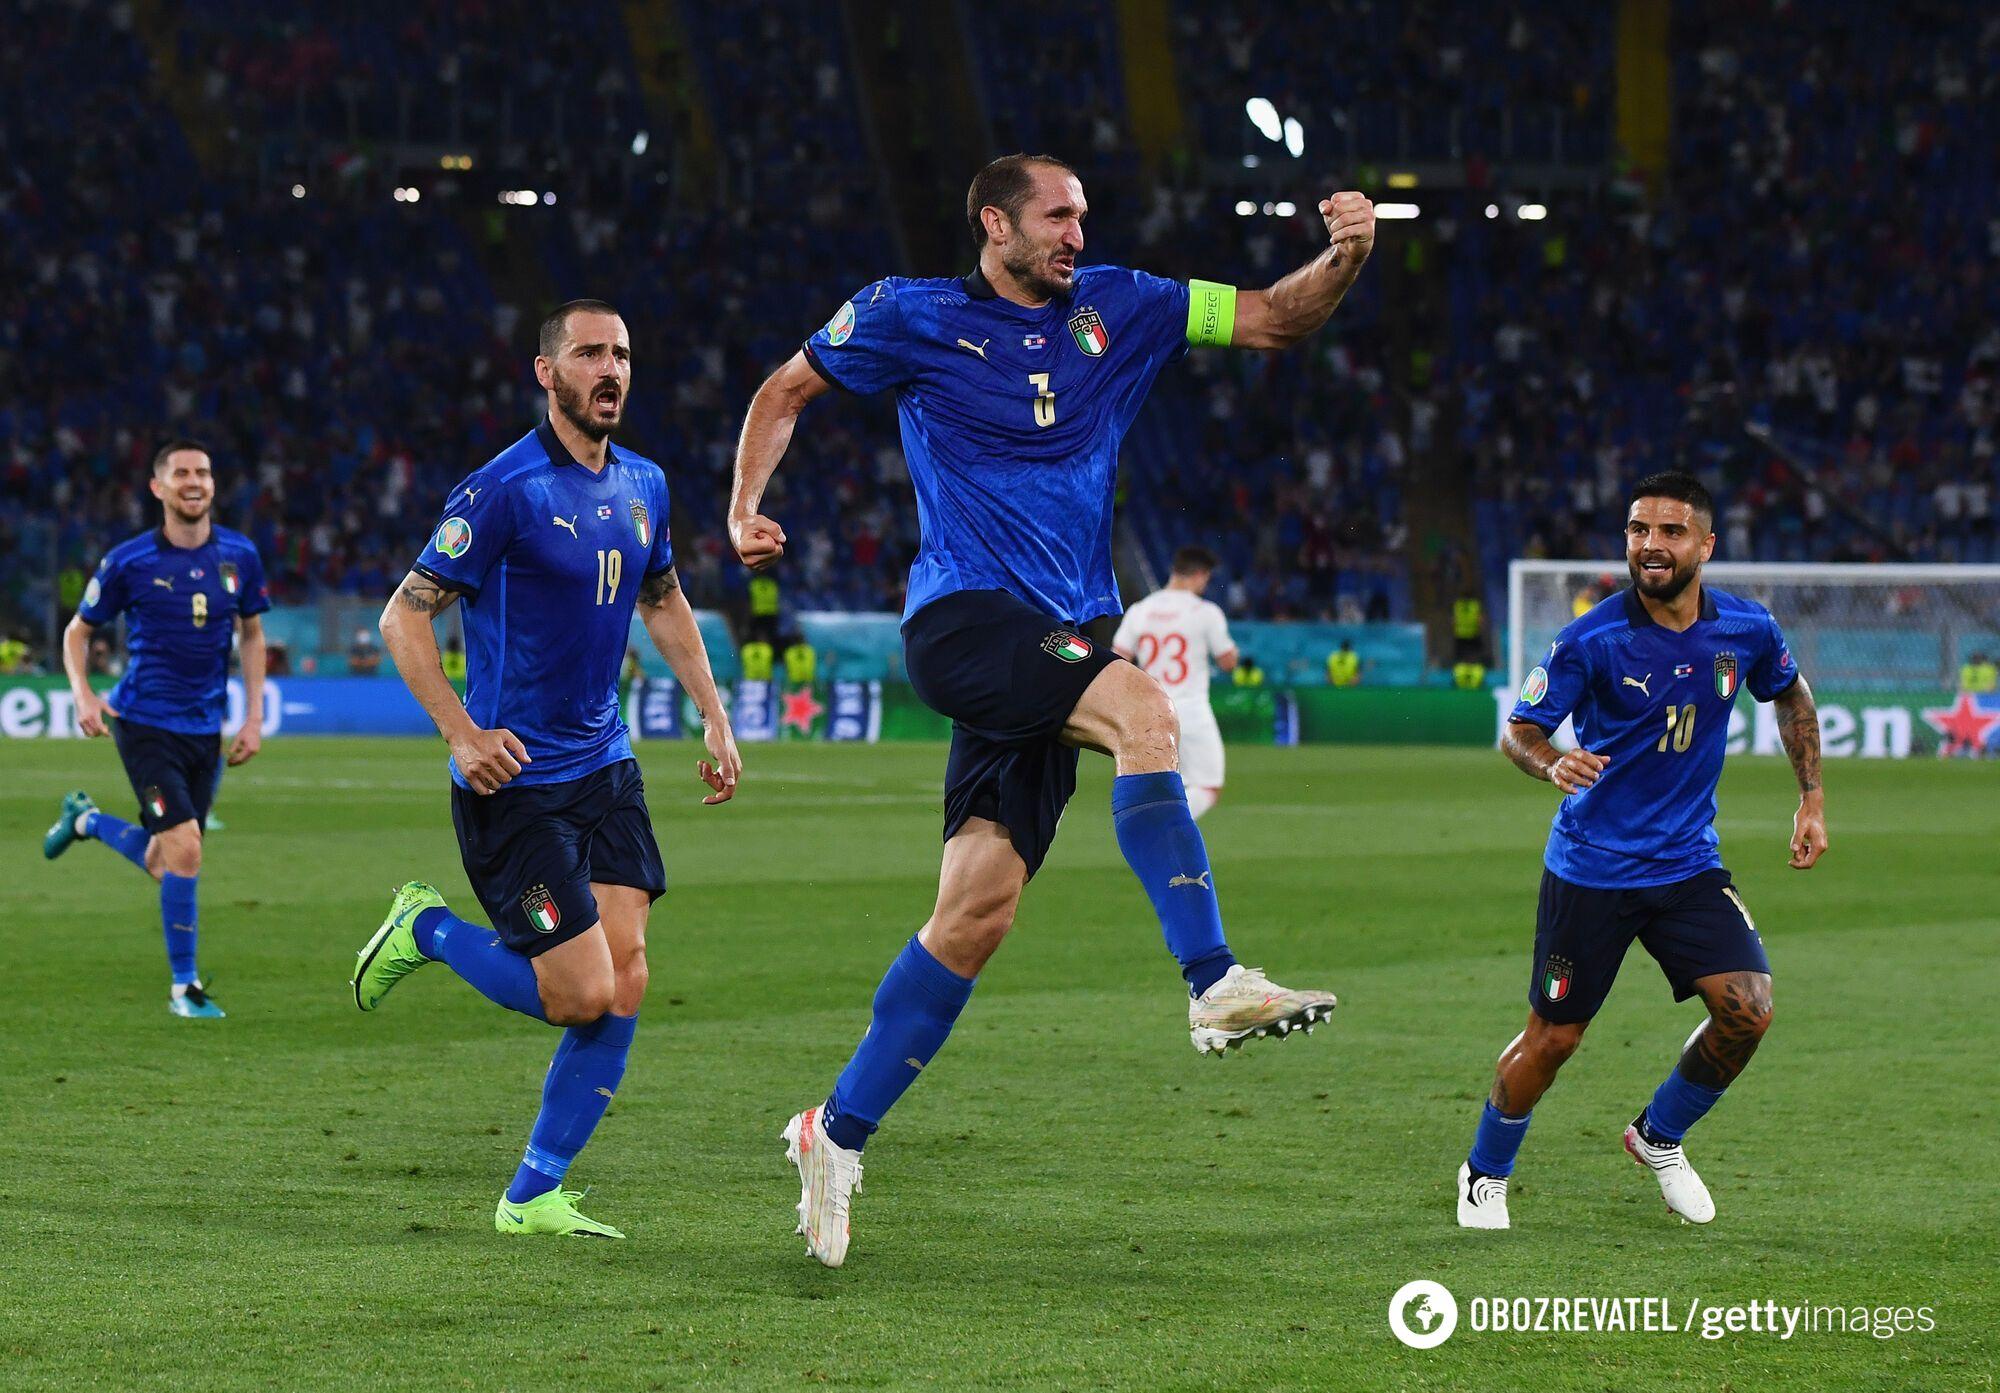 Збірна Італії виграла групу А, не пропустивши жодного гола.